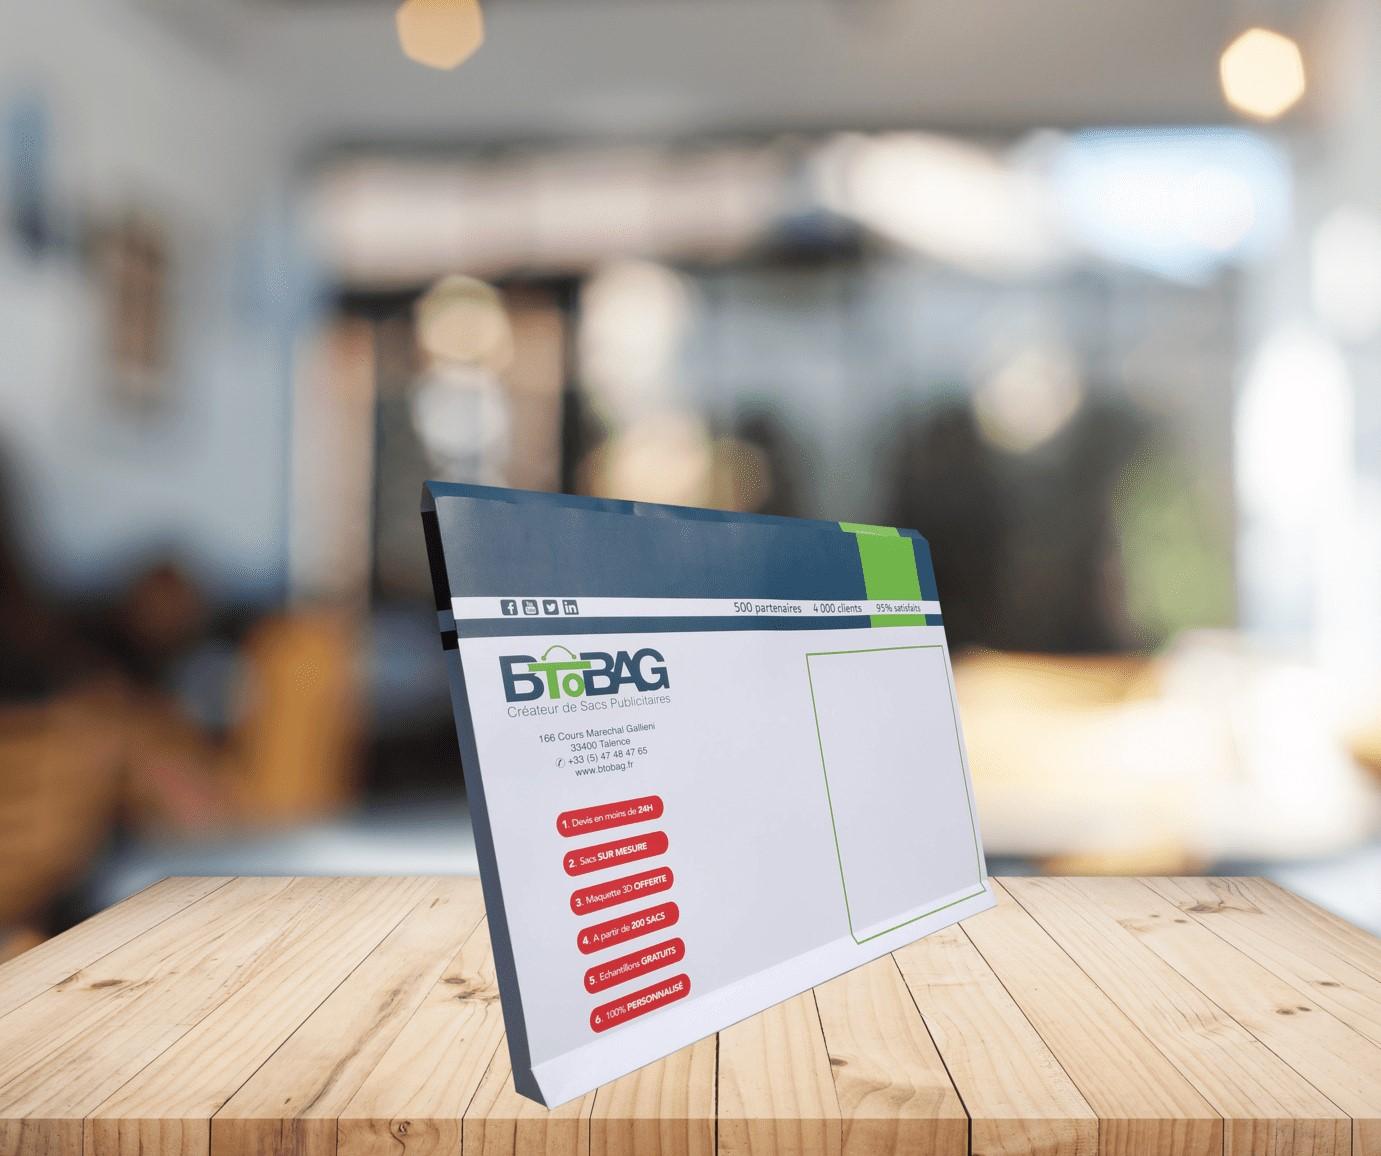 btobag-nouvelle pochette envoi échantillons gratuits